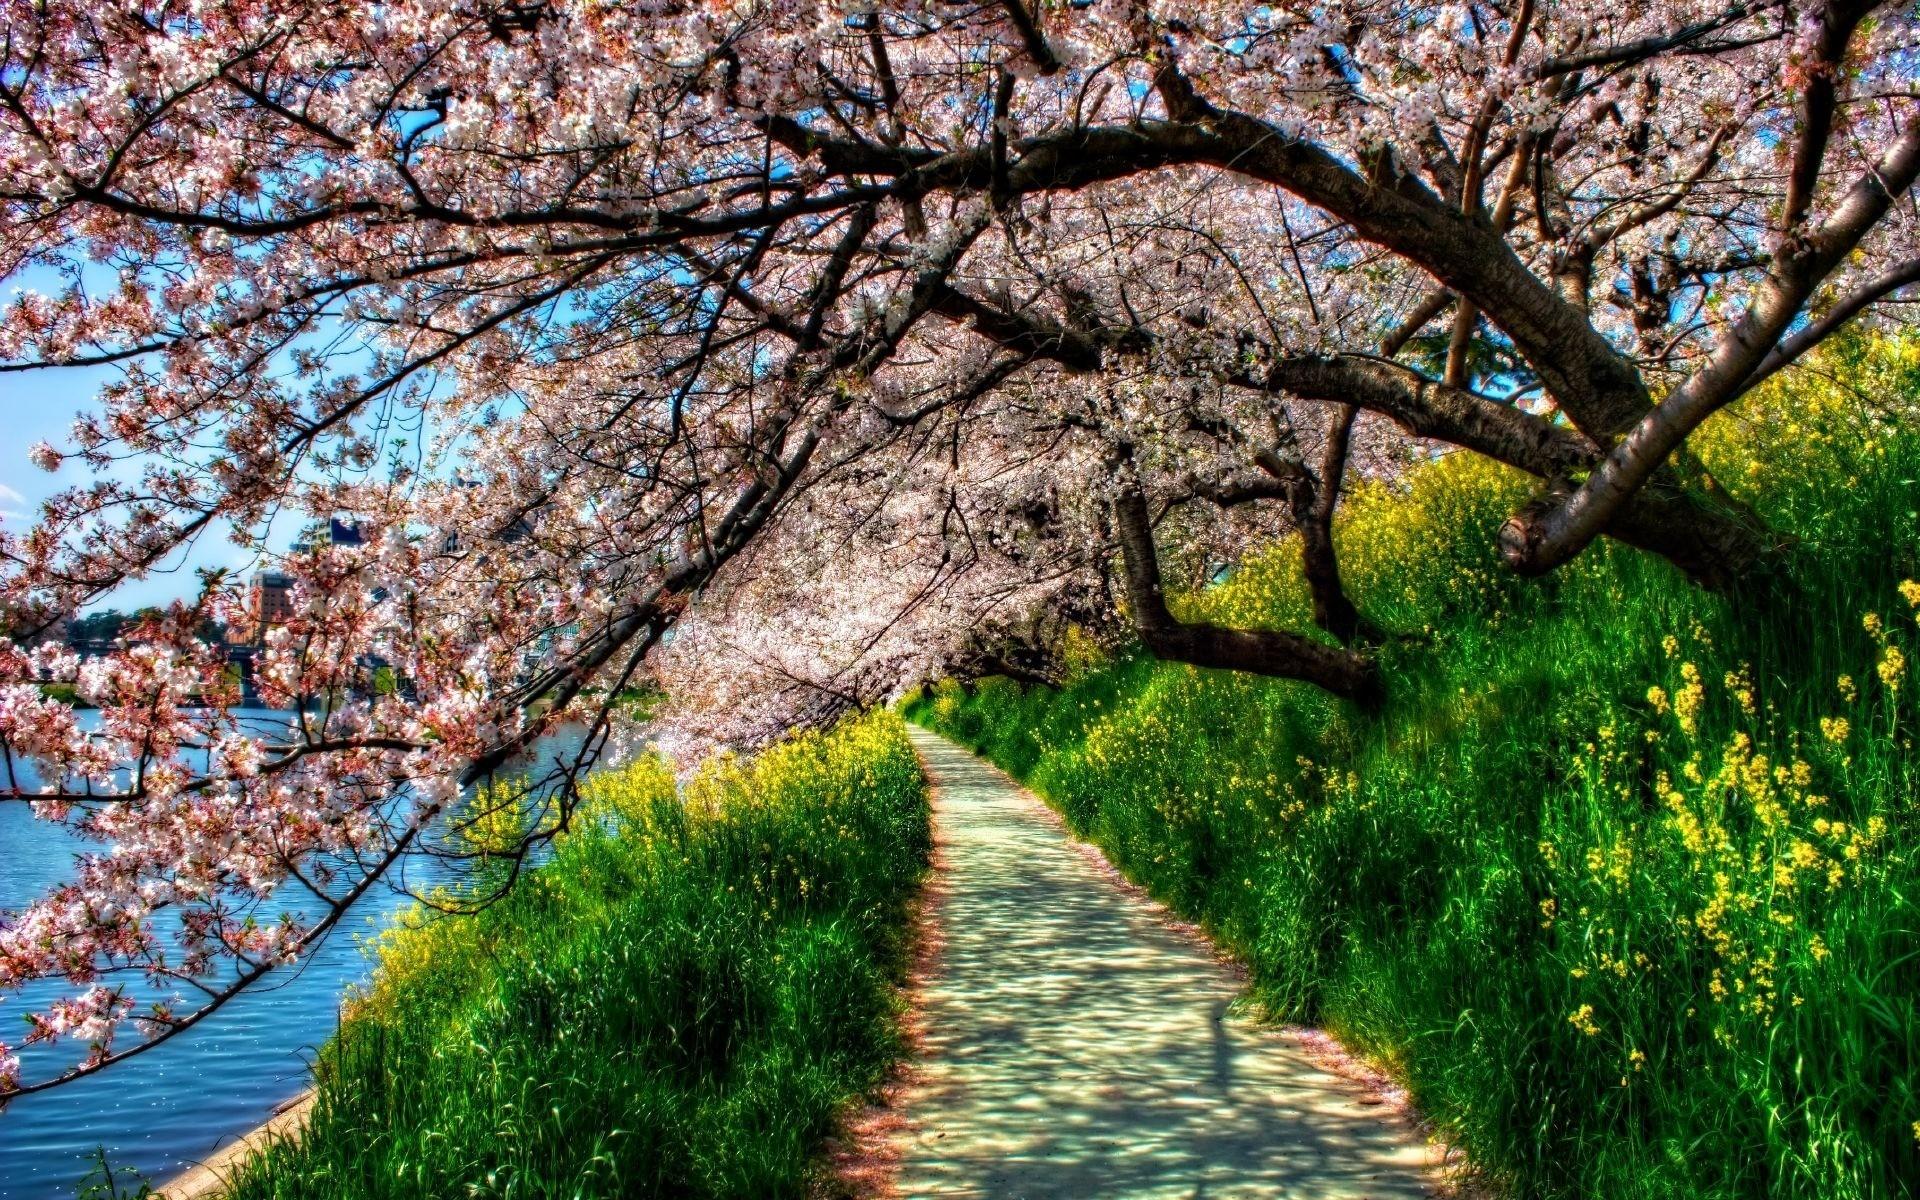 Download 98 Gambar Wallpaper Pemandangan Bunga Sakura Terbaik